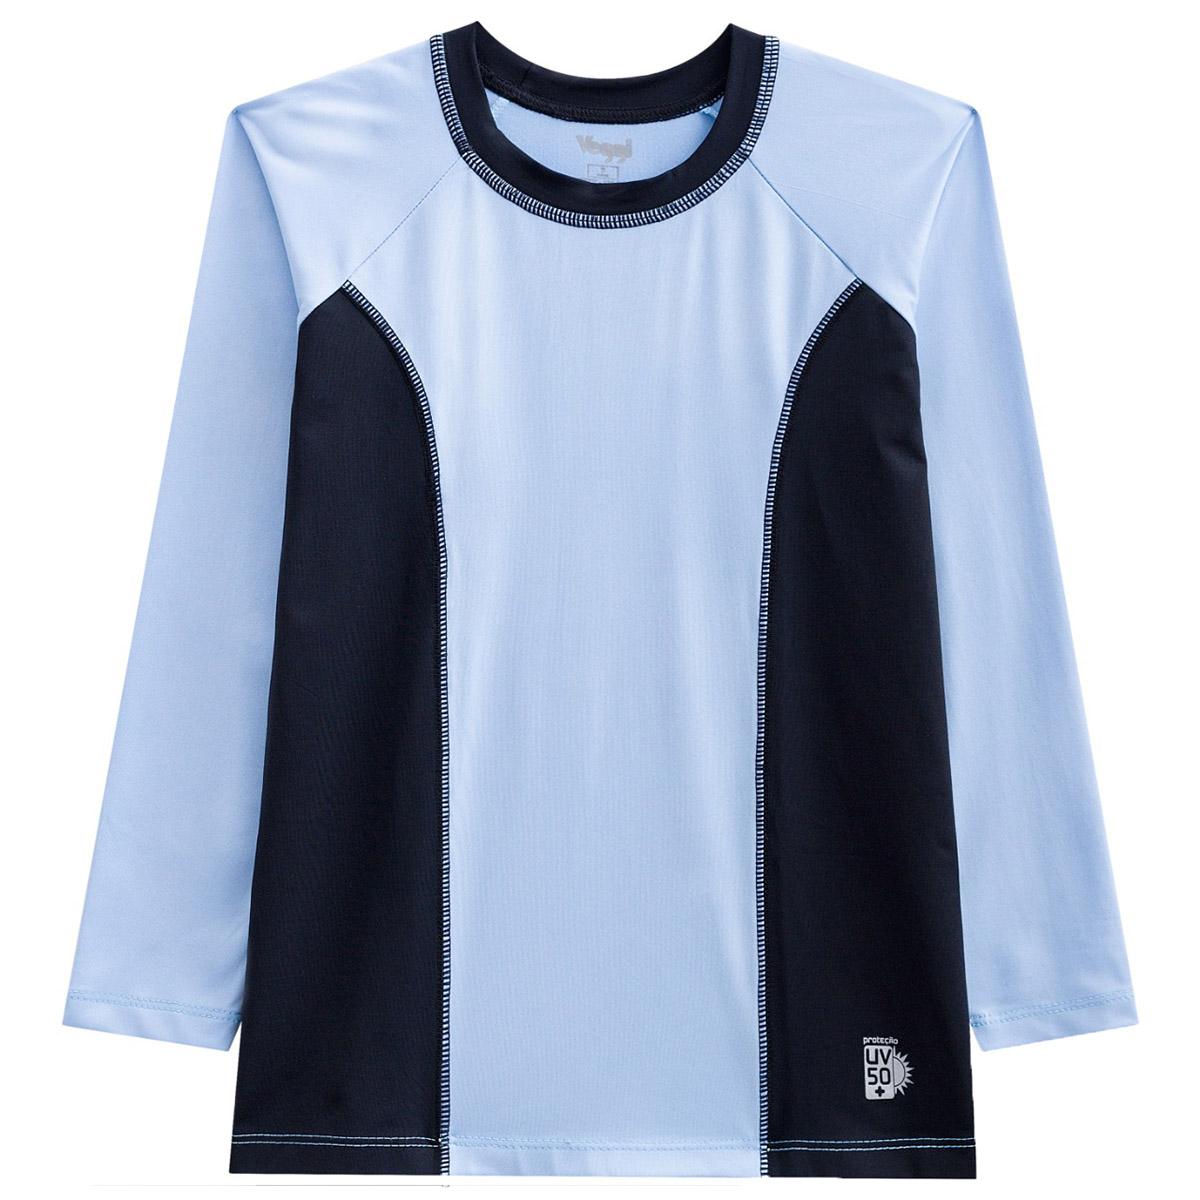 Blusa infantil manga longa unissex proteção solar rosa azul